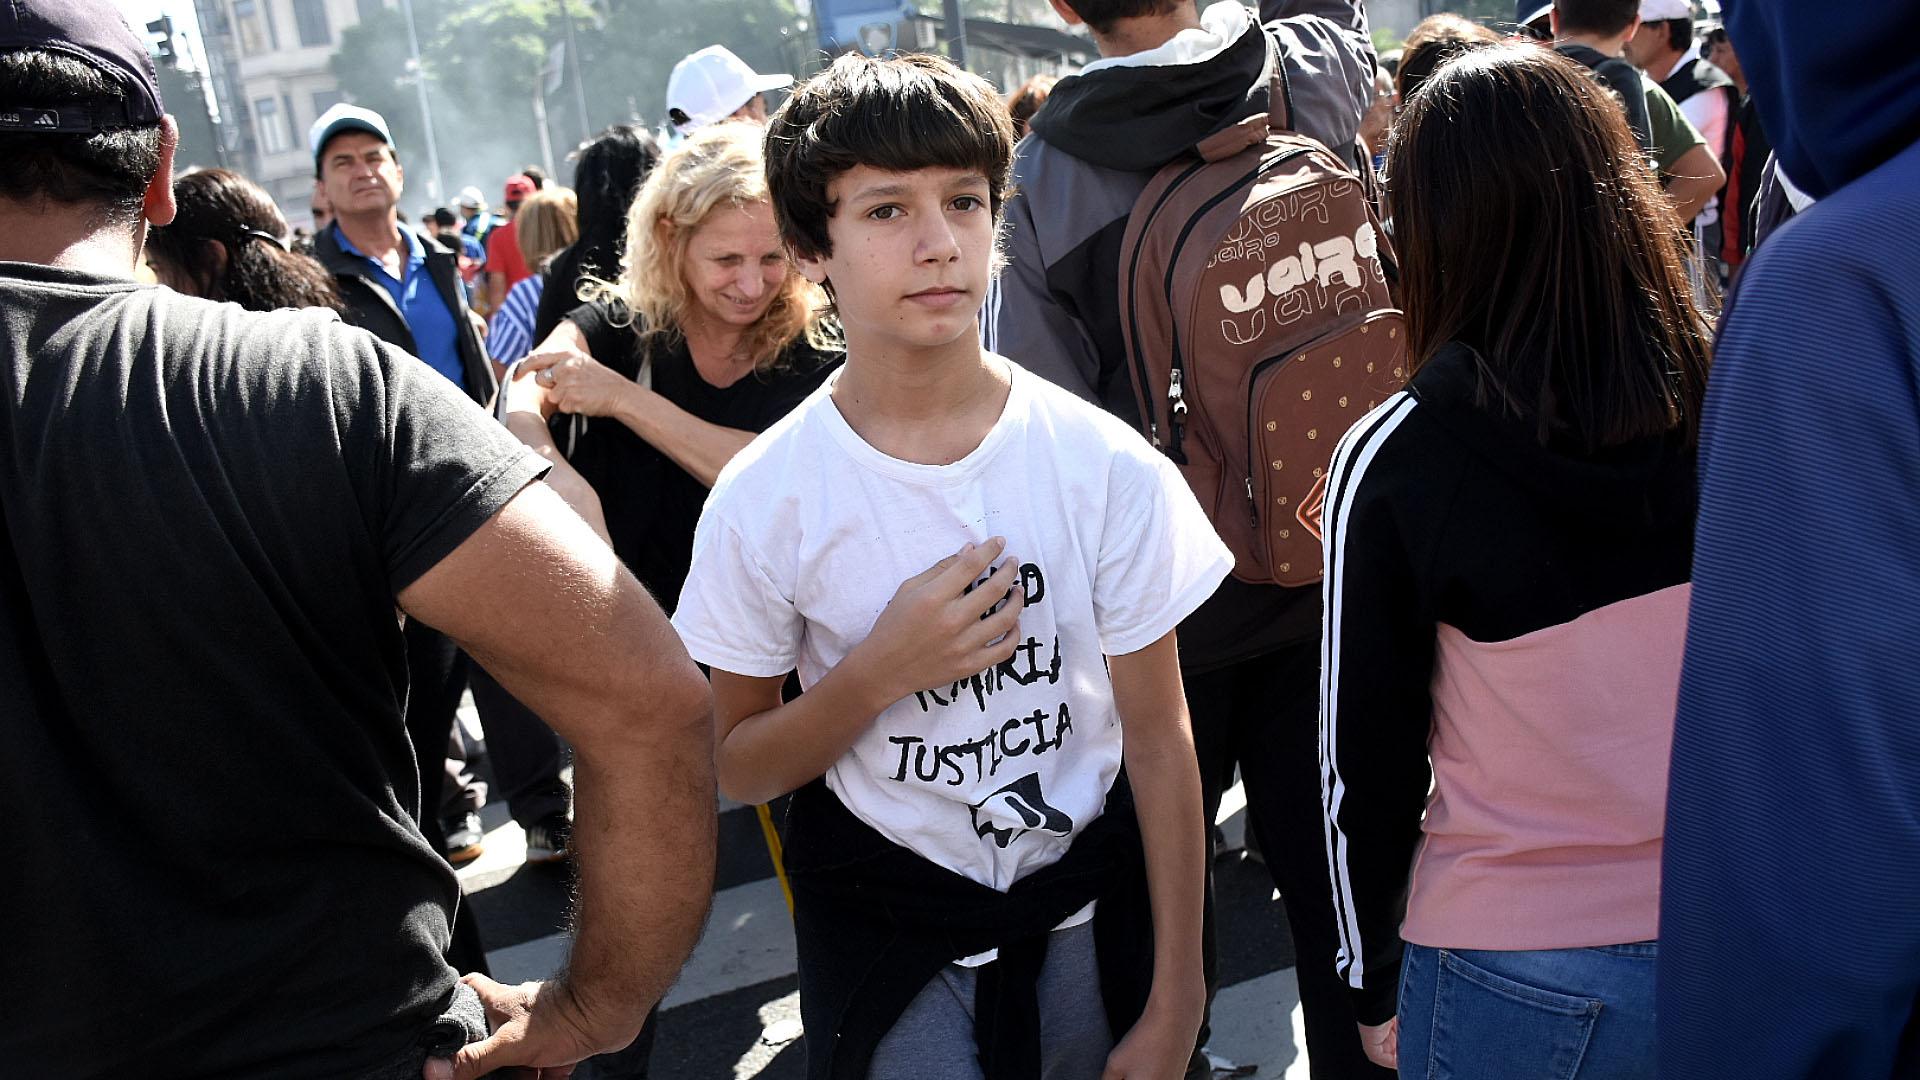 Muchas familias con niños se acercaron a la plaza para presenciar el acto